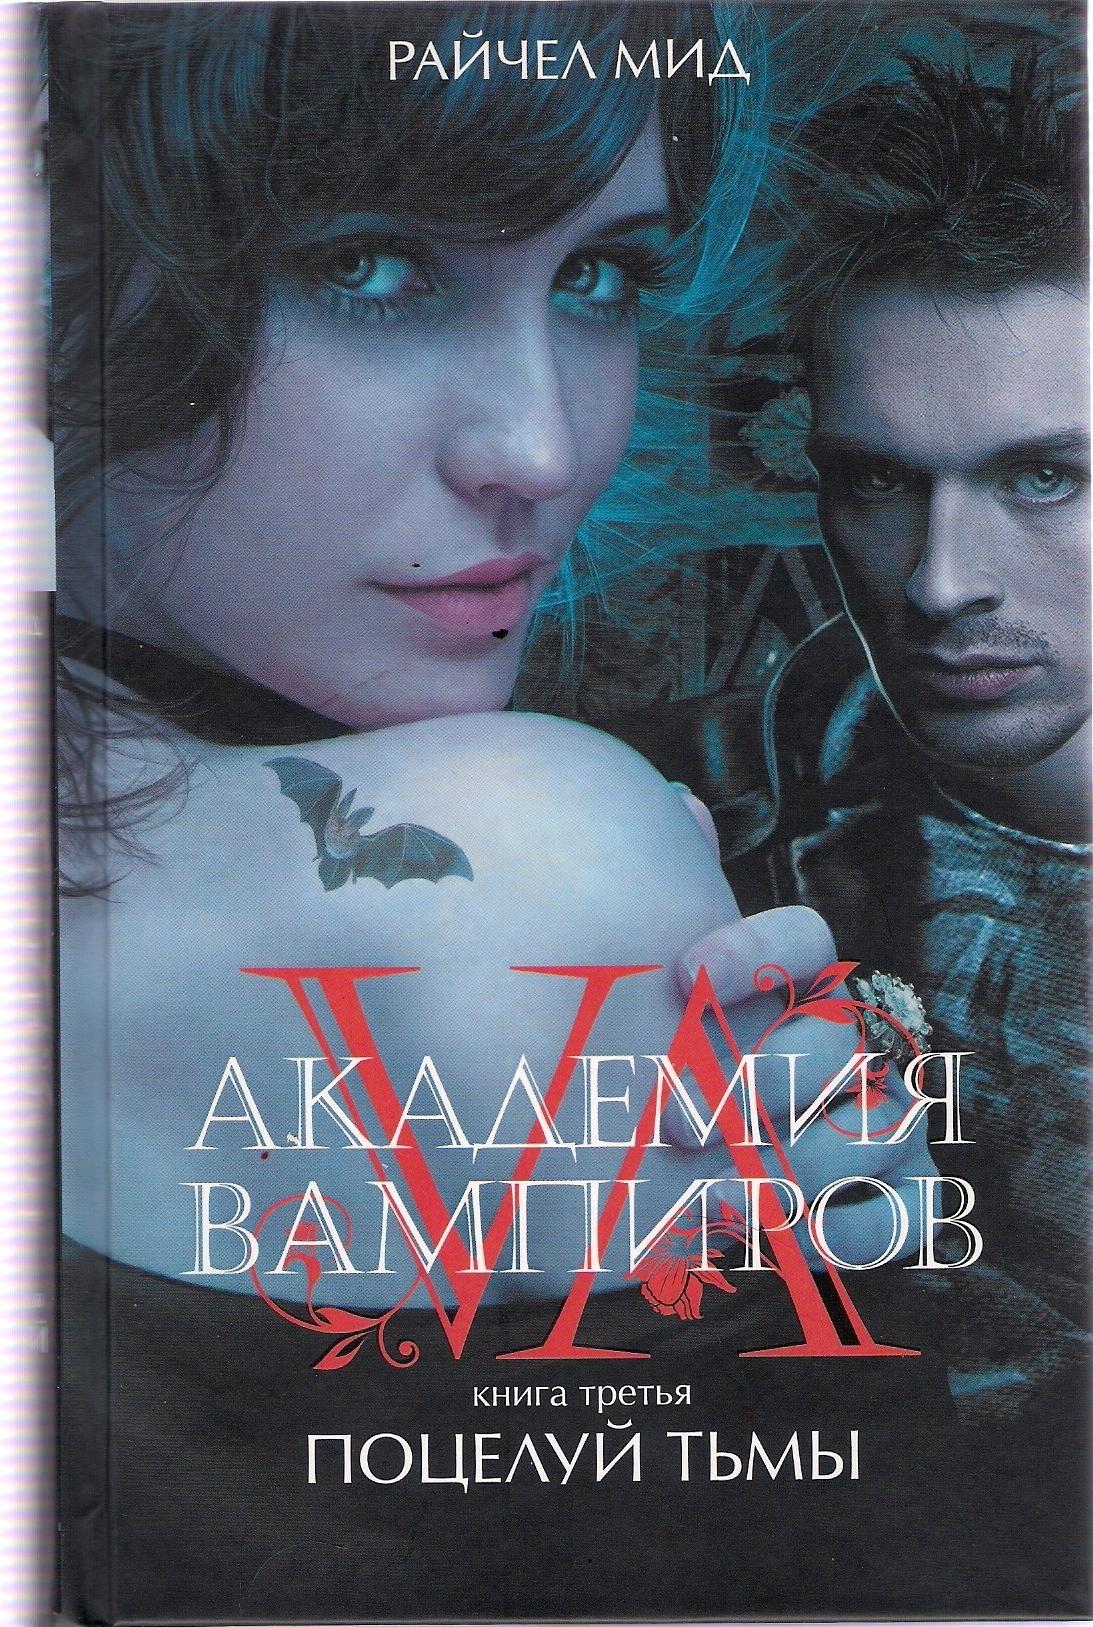 Книги академия вампиров все части скачать бесплатно